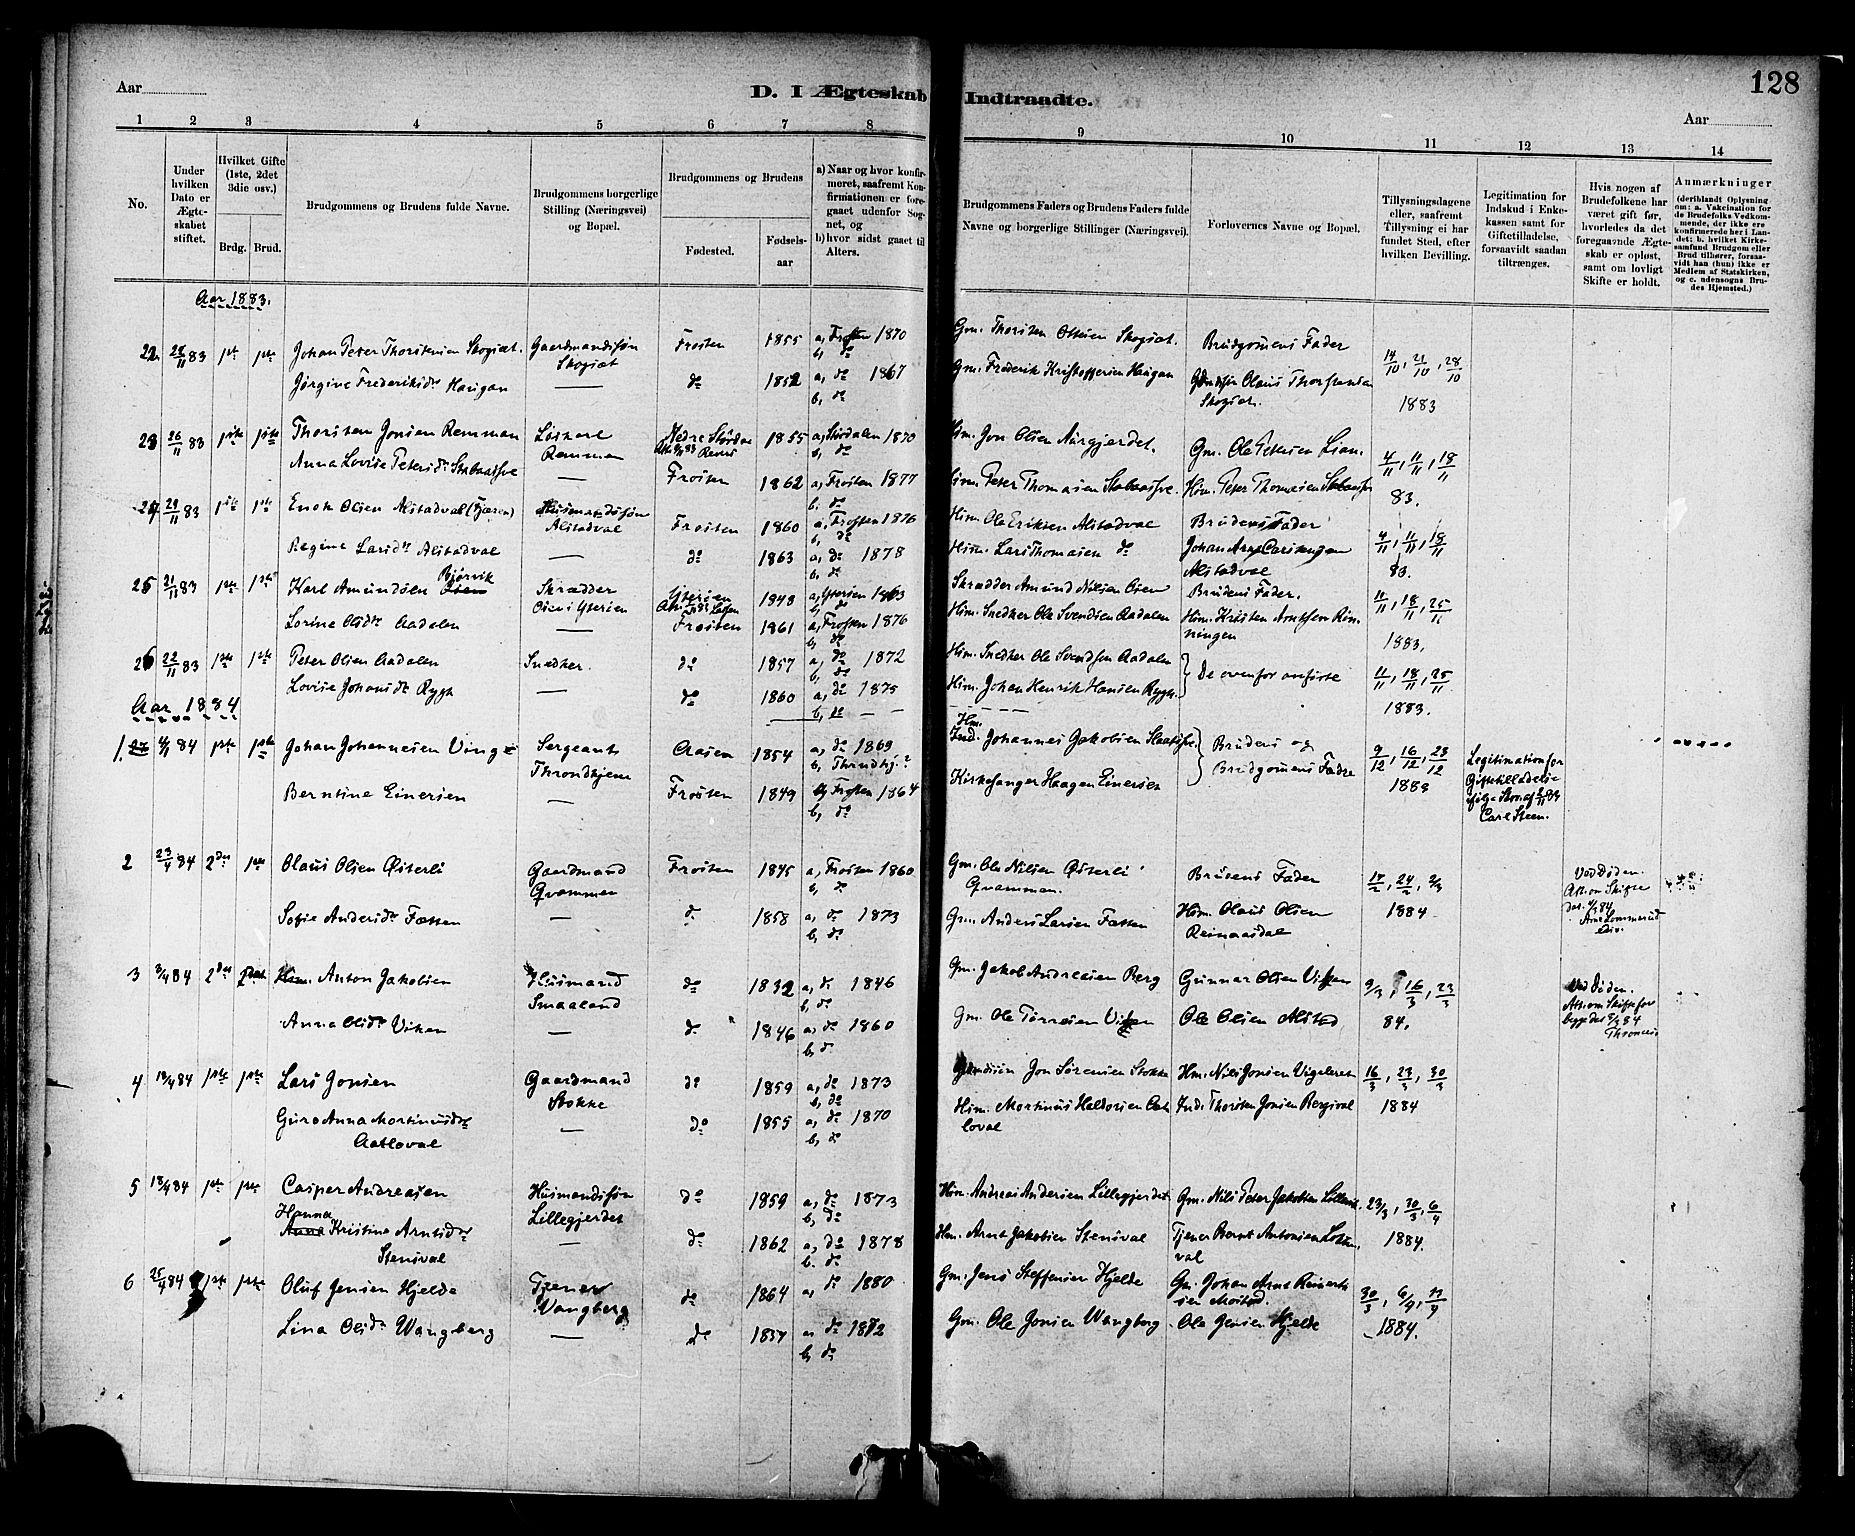 SAT, Ministerialprotokoller, klokkerbøker og fødselsregistre - Nord-Trøndelag, 713/L0120: Ministerialbok nr. 713A09, 1878-1887, s. 128